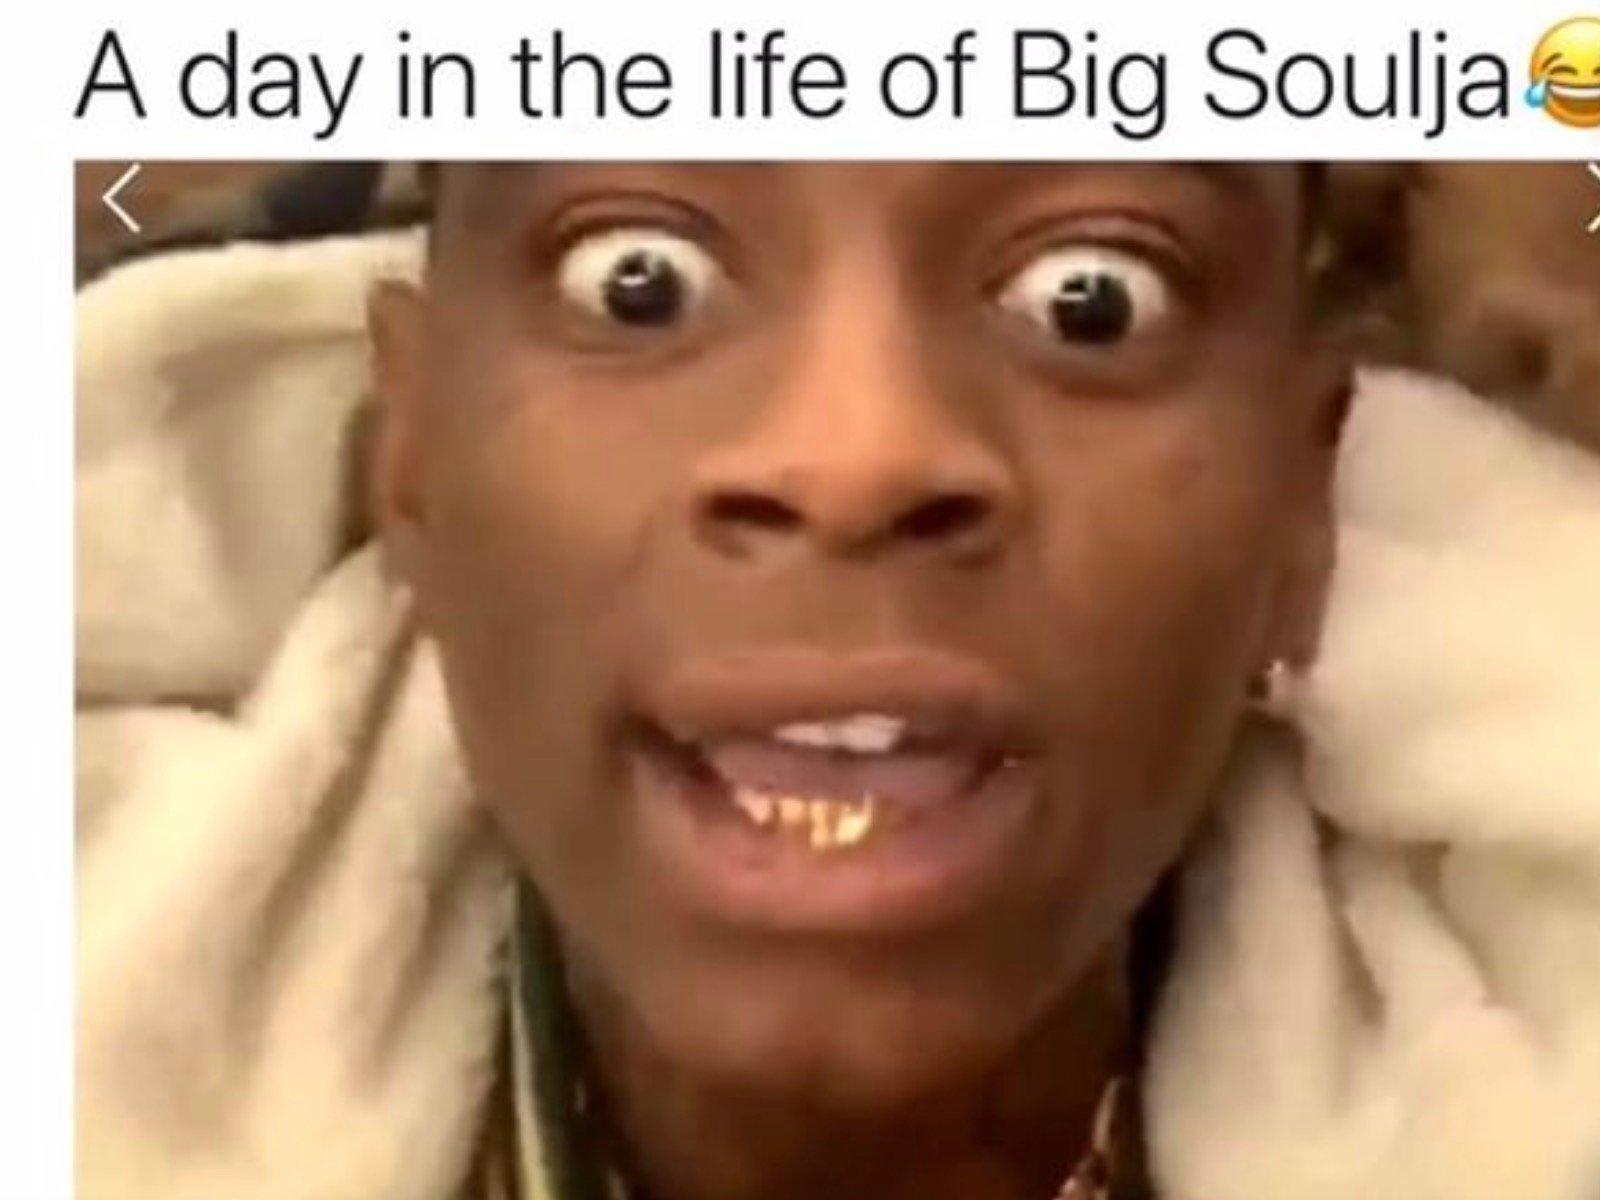 Soulja Boy Meme Video